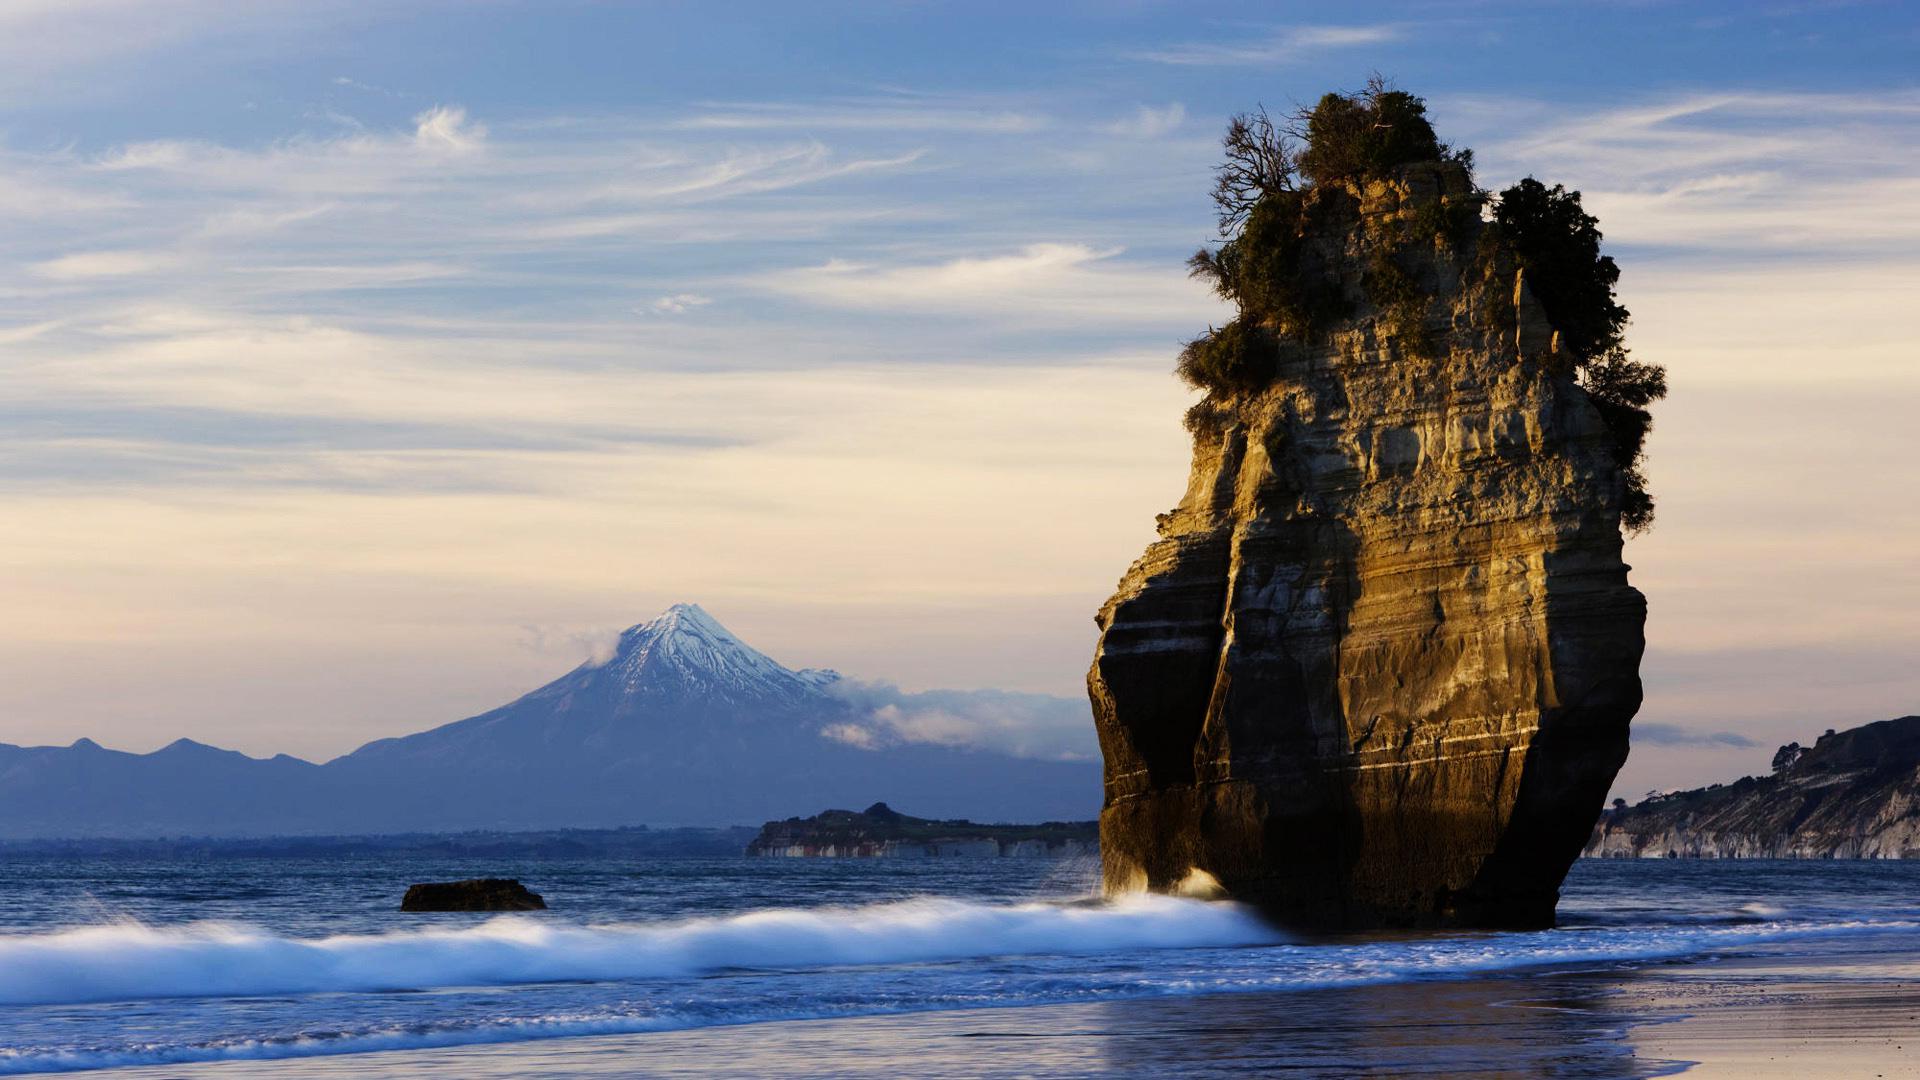 Новая зеландия Hd: Обои Новая Зеландия, картинки